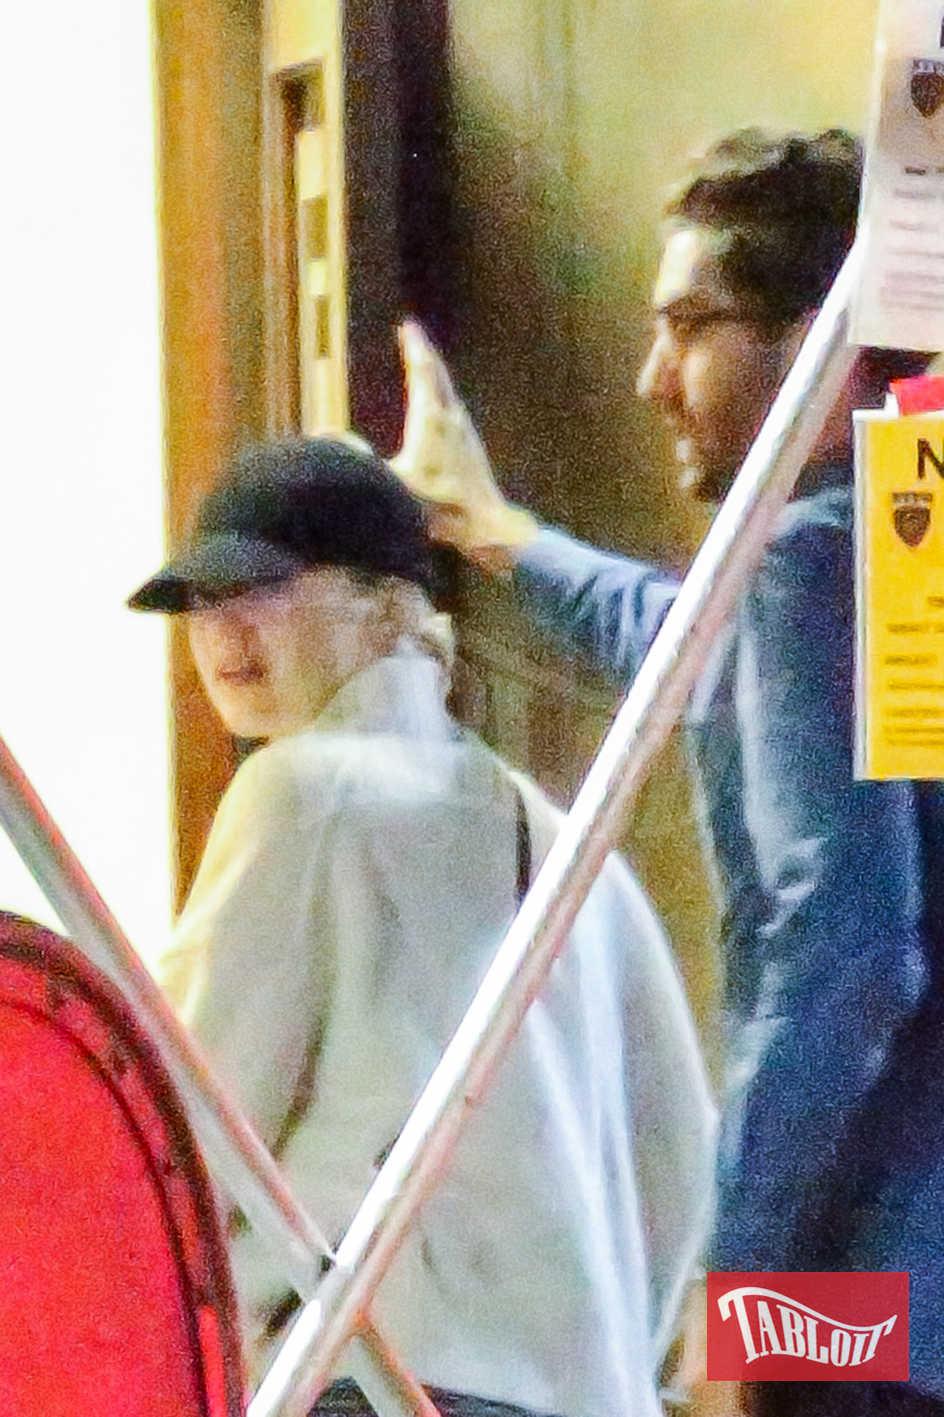 Allarme nuova coppia: abbiamo paparazzato Emma Stone insieme al nuovo fidanzato. Lui è il 32enne Dave McCary, tra gli autori del Saturday Night Live